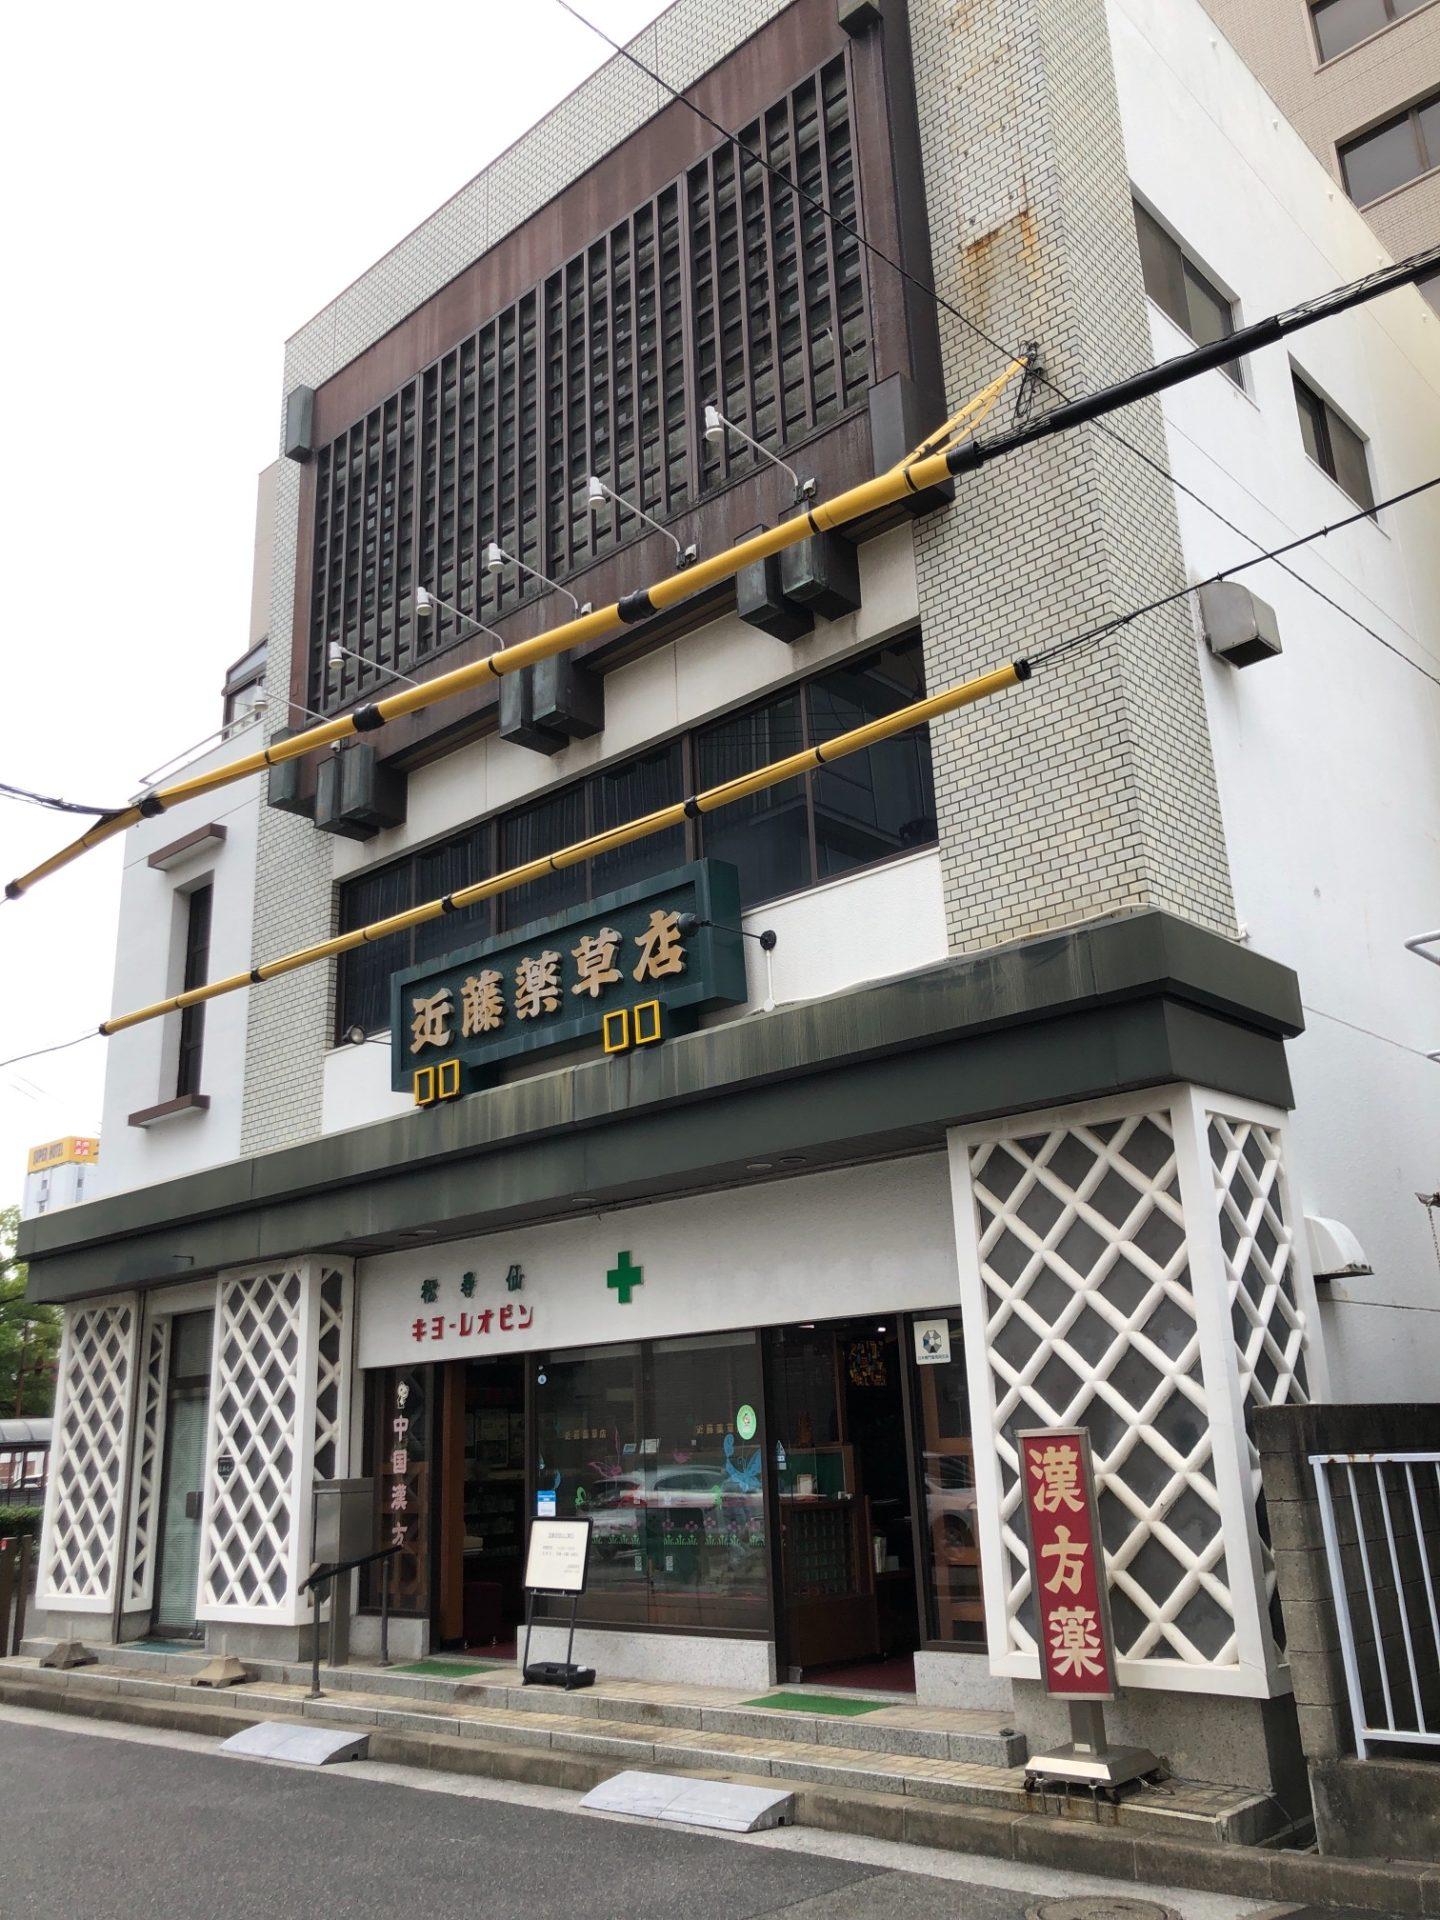 近藤薬草店